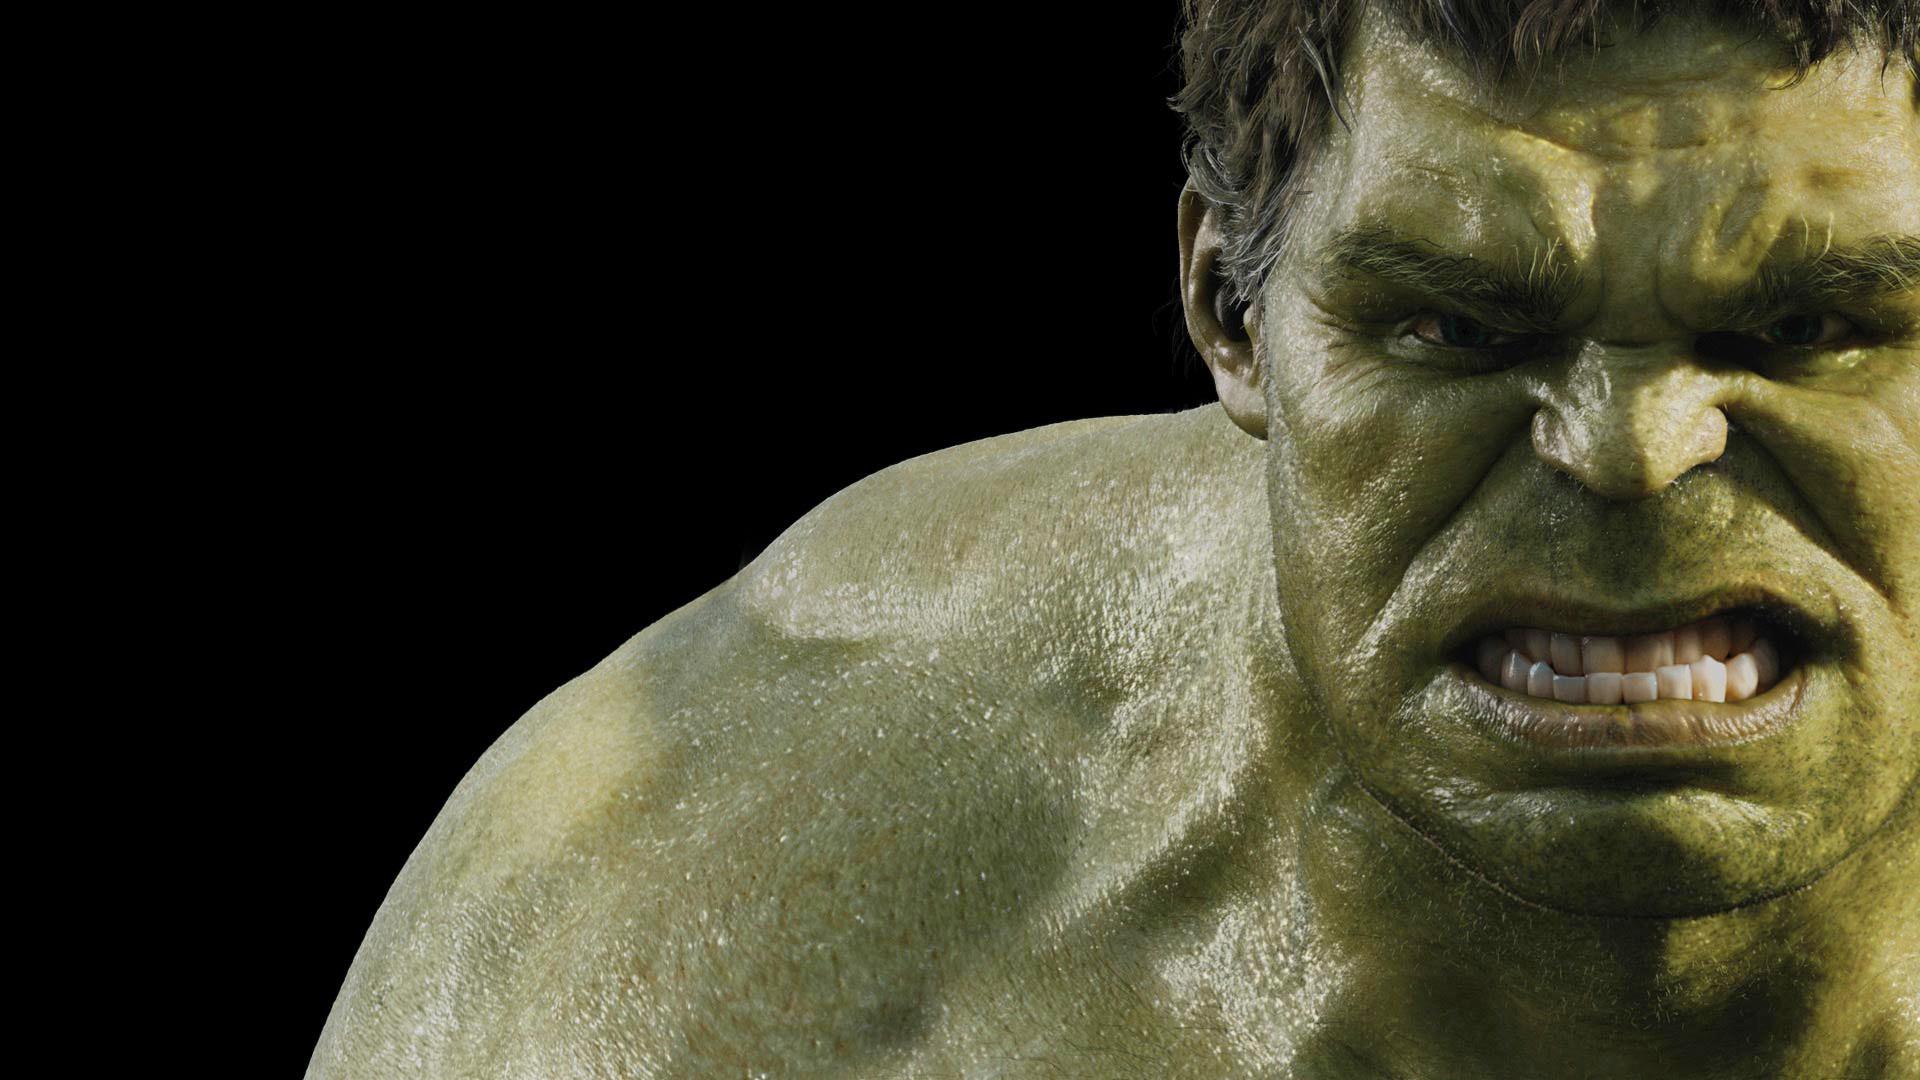 The Hulk Wallpaper Desktop - WallpaperSafari